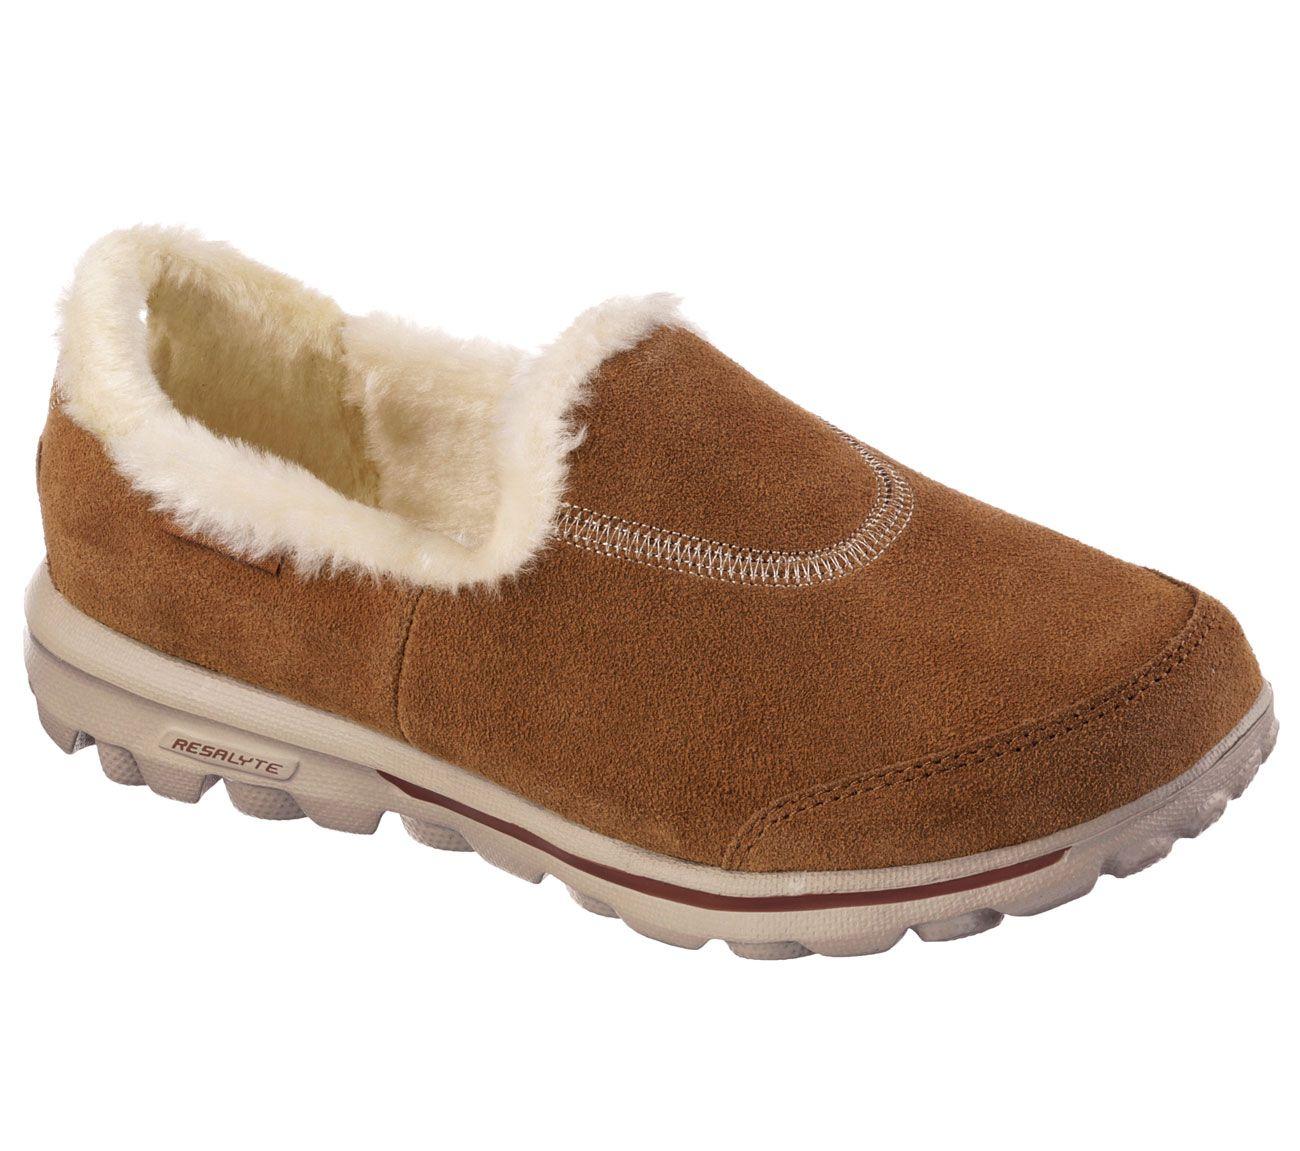 Skechers mens shoes, Sketchers shoes